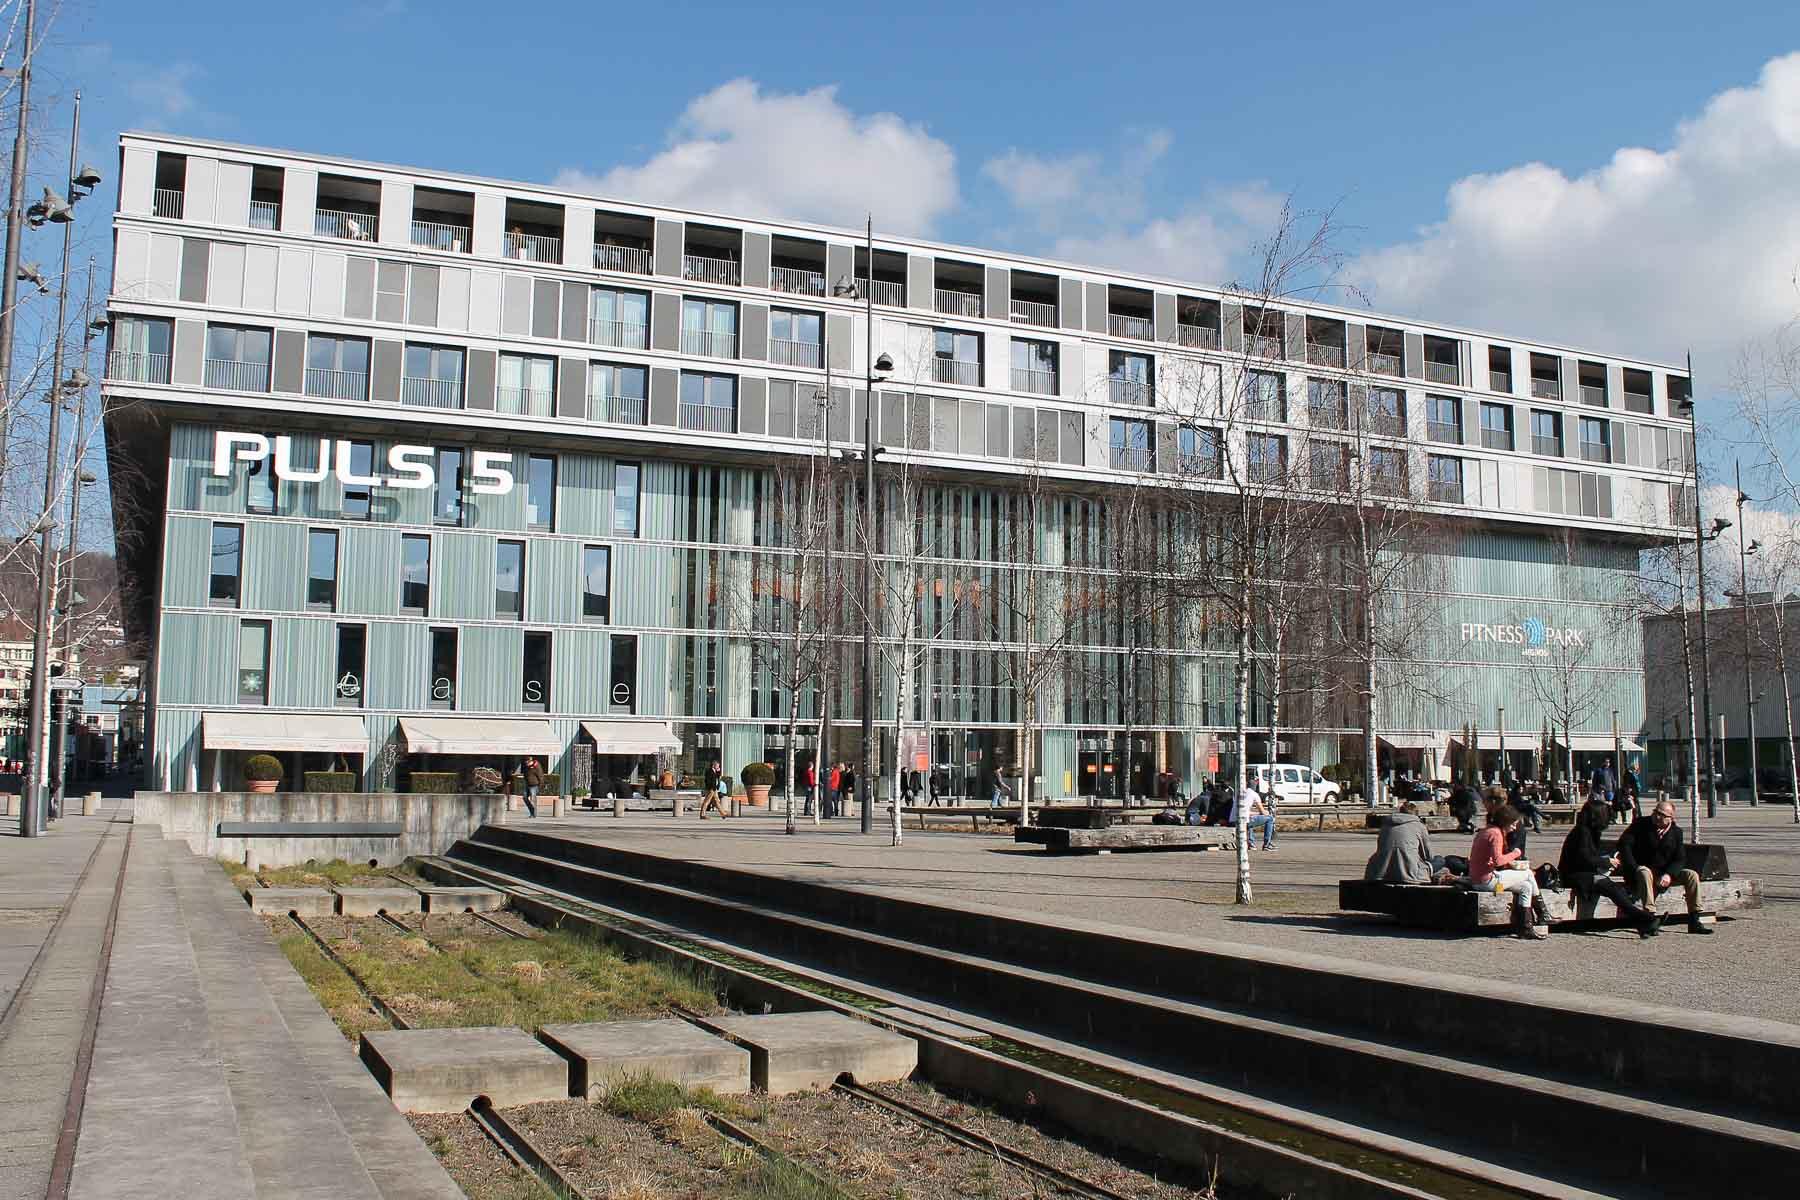 Puls 5, Zürich